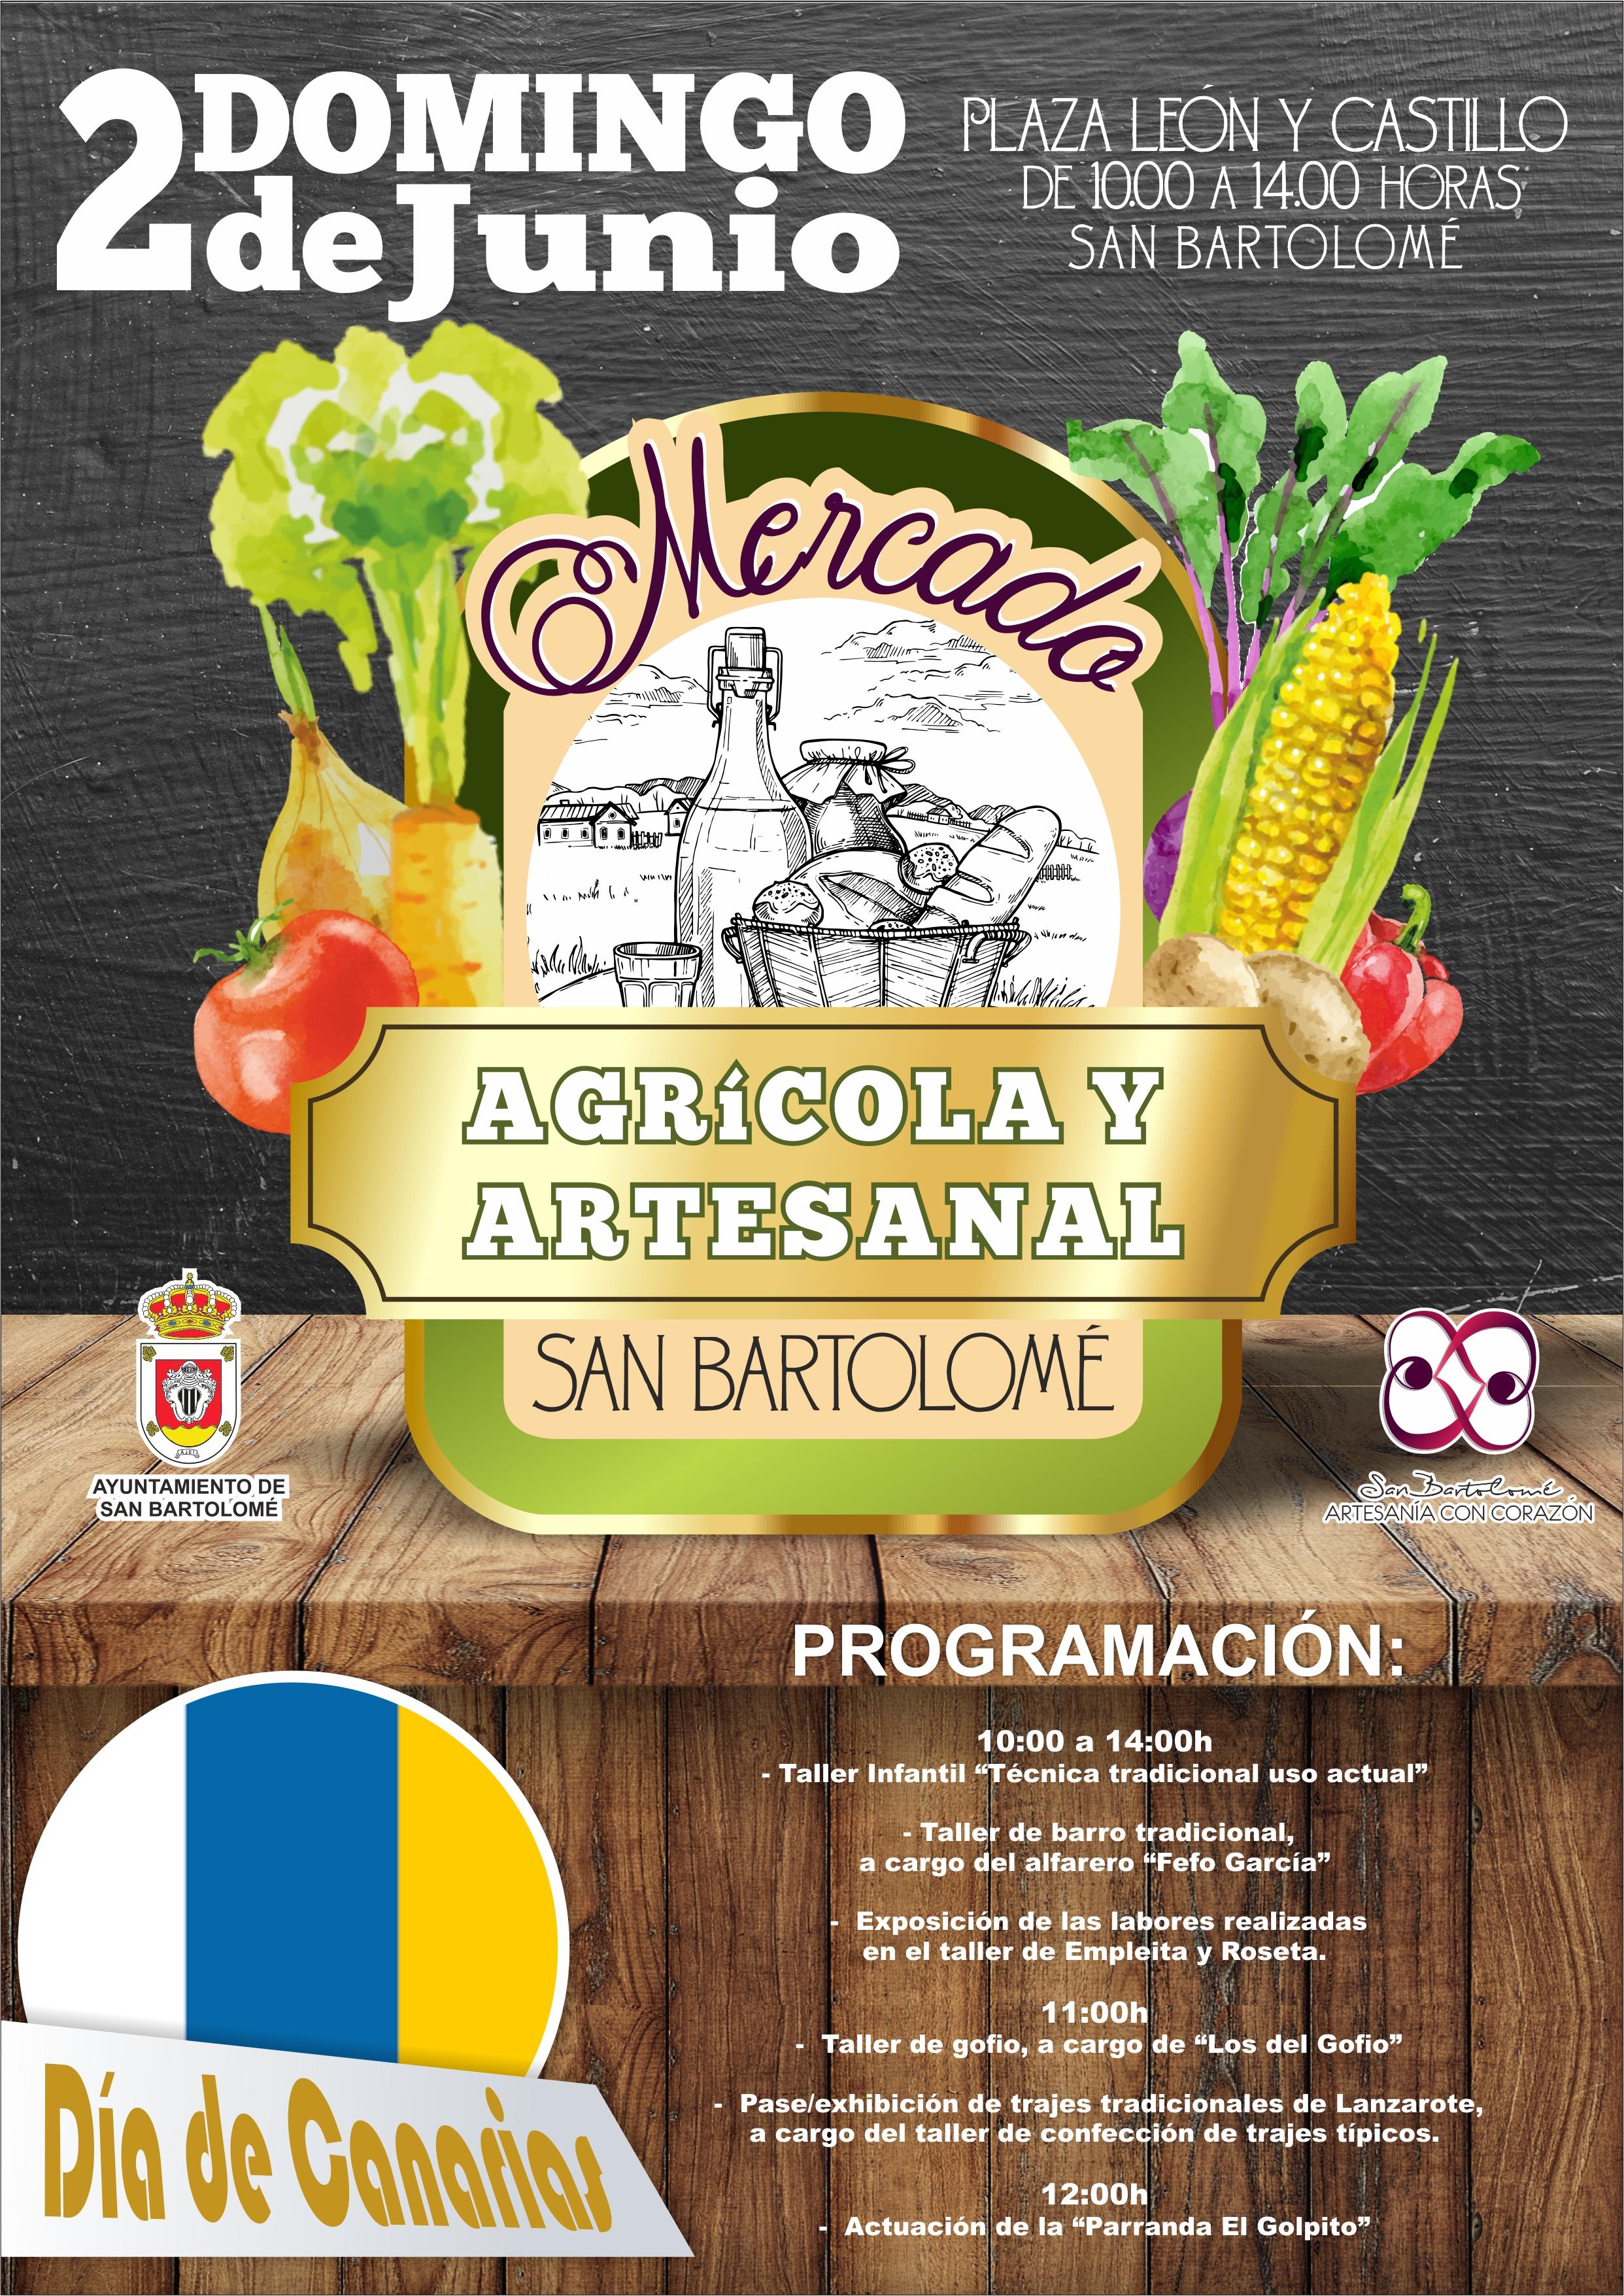 El Mercado Agrícola y Artesanal de San Bartolomé que se celebrará el domingo 2 de junio estará dedicado al Día de Canarias